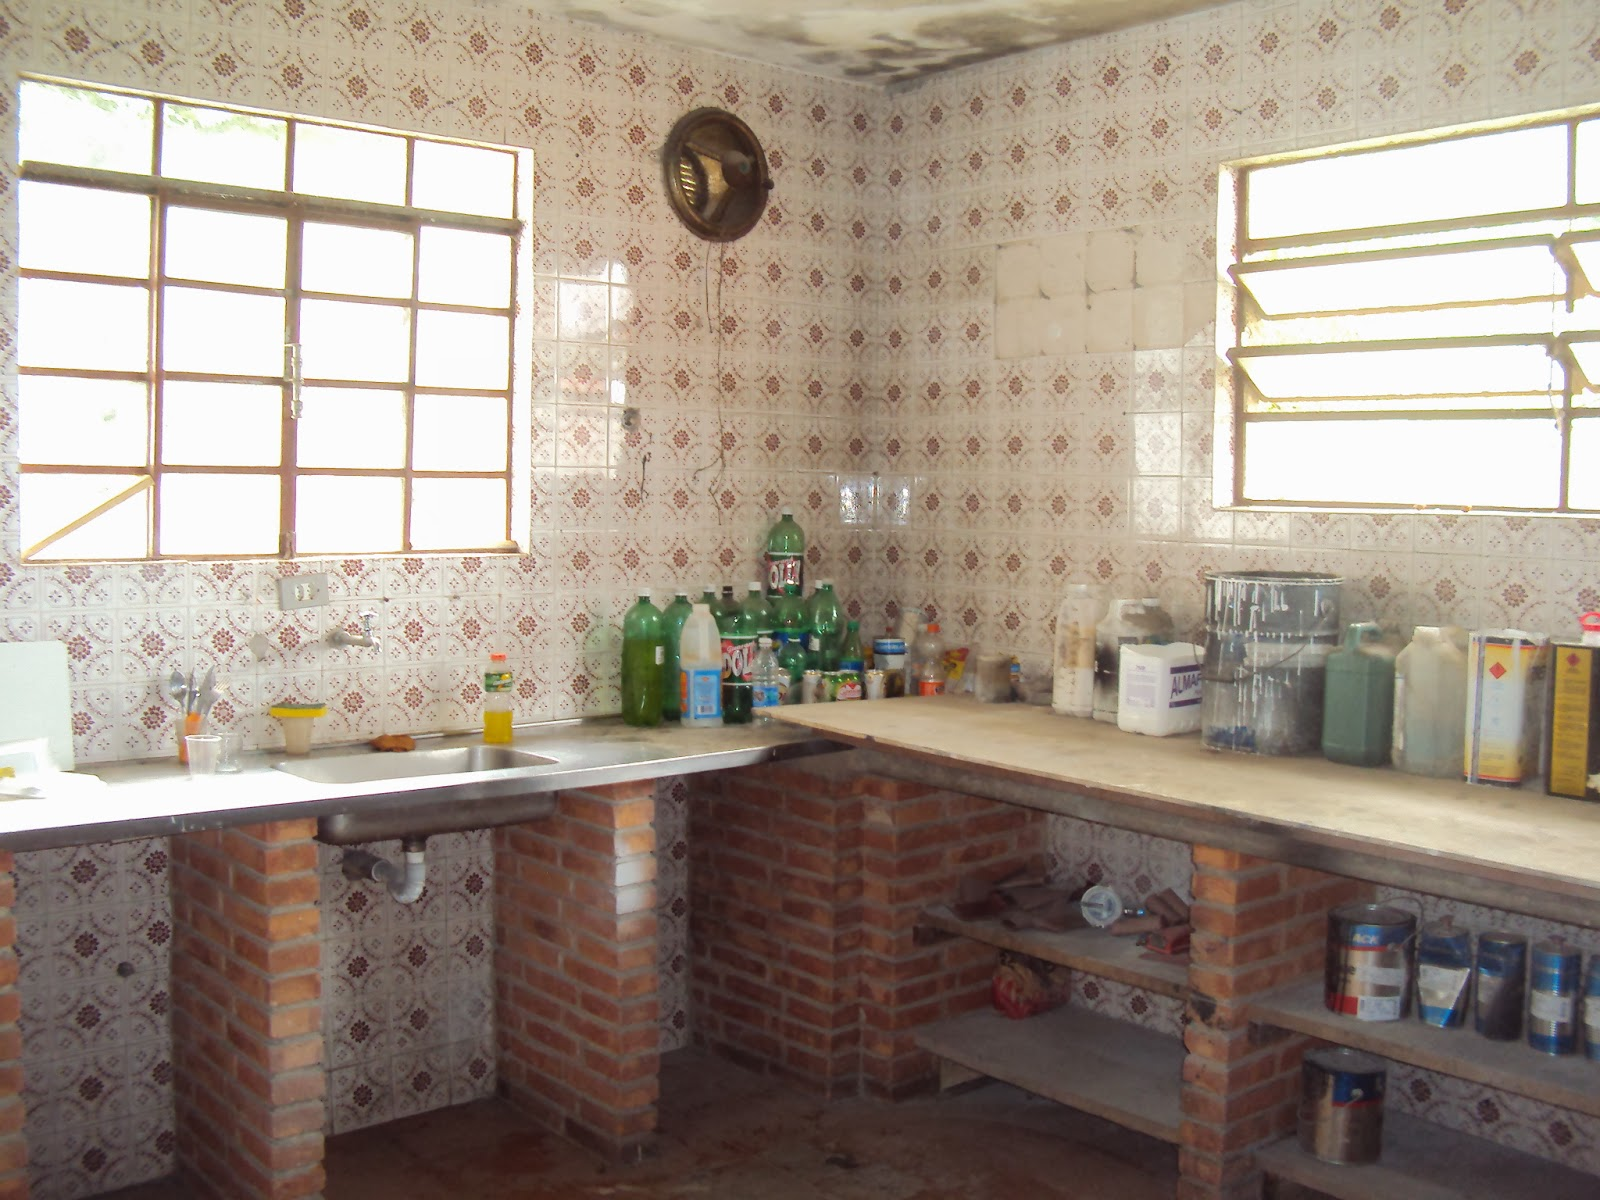 Reformar Banheiro Antigo Gastando Pouco  cgafghanscom banheiros pequenos e  -> Reformar Banheiro Pequeno Gastando Pouco